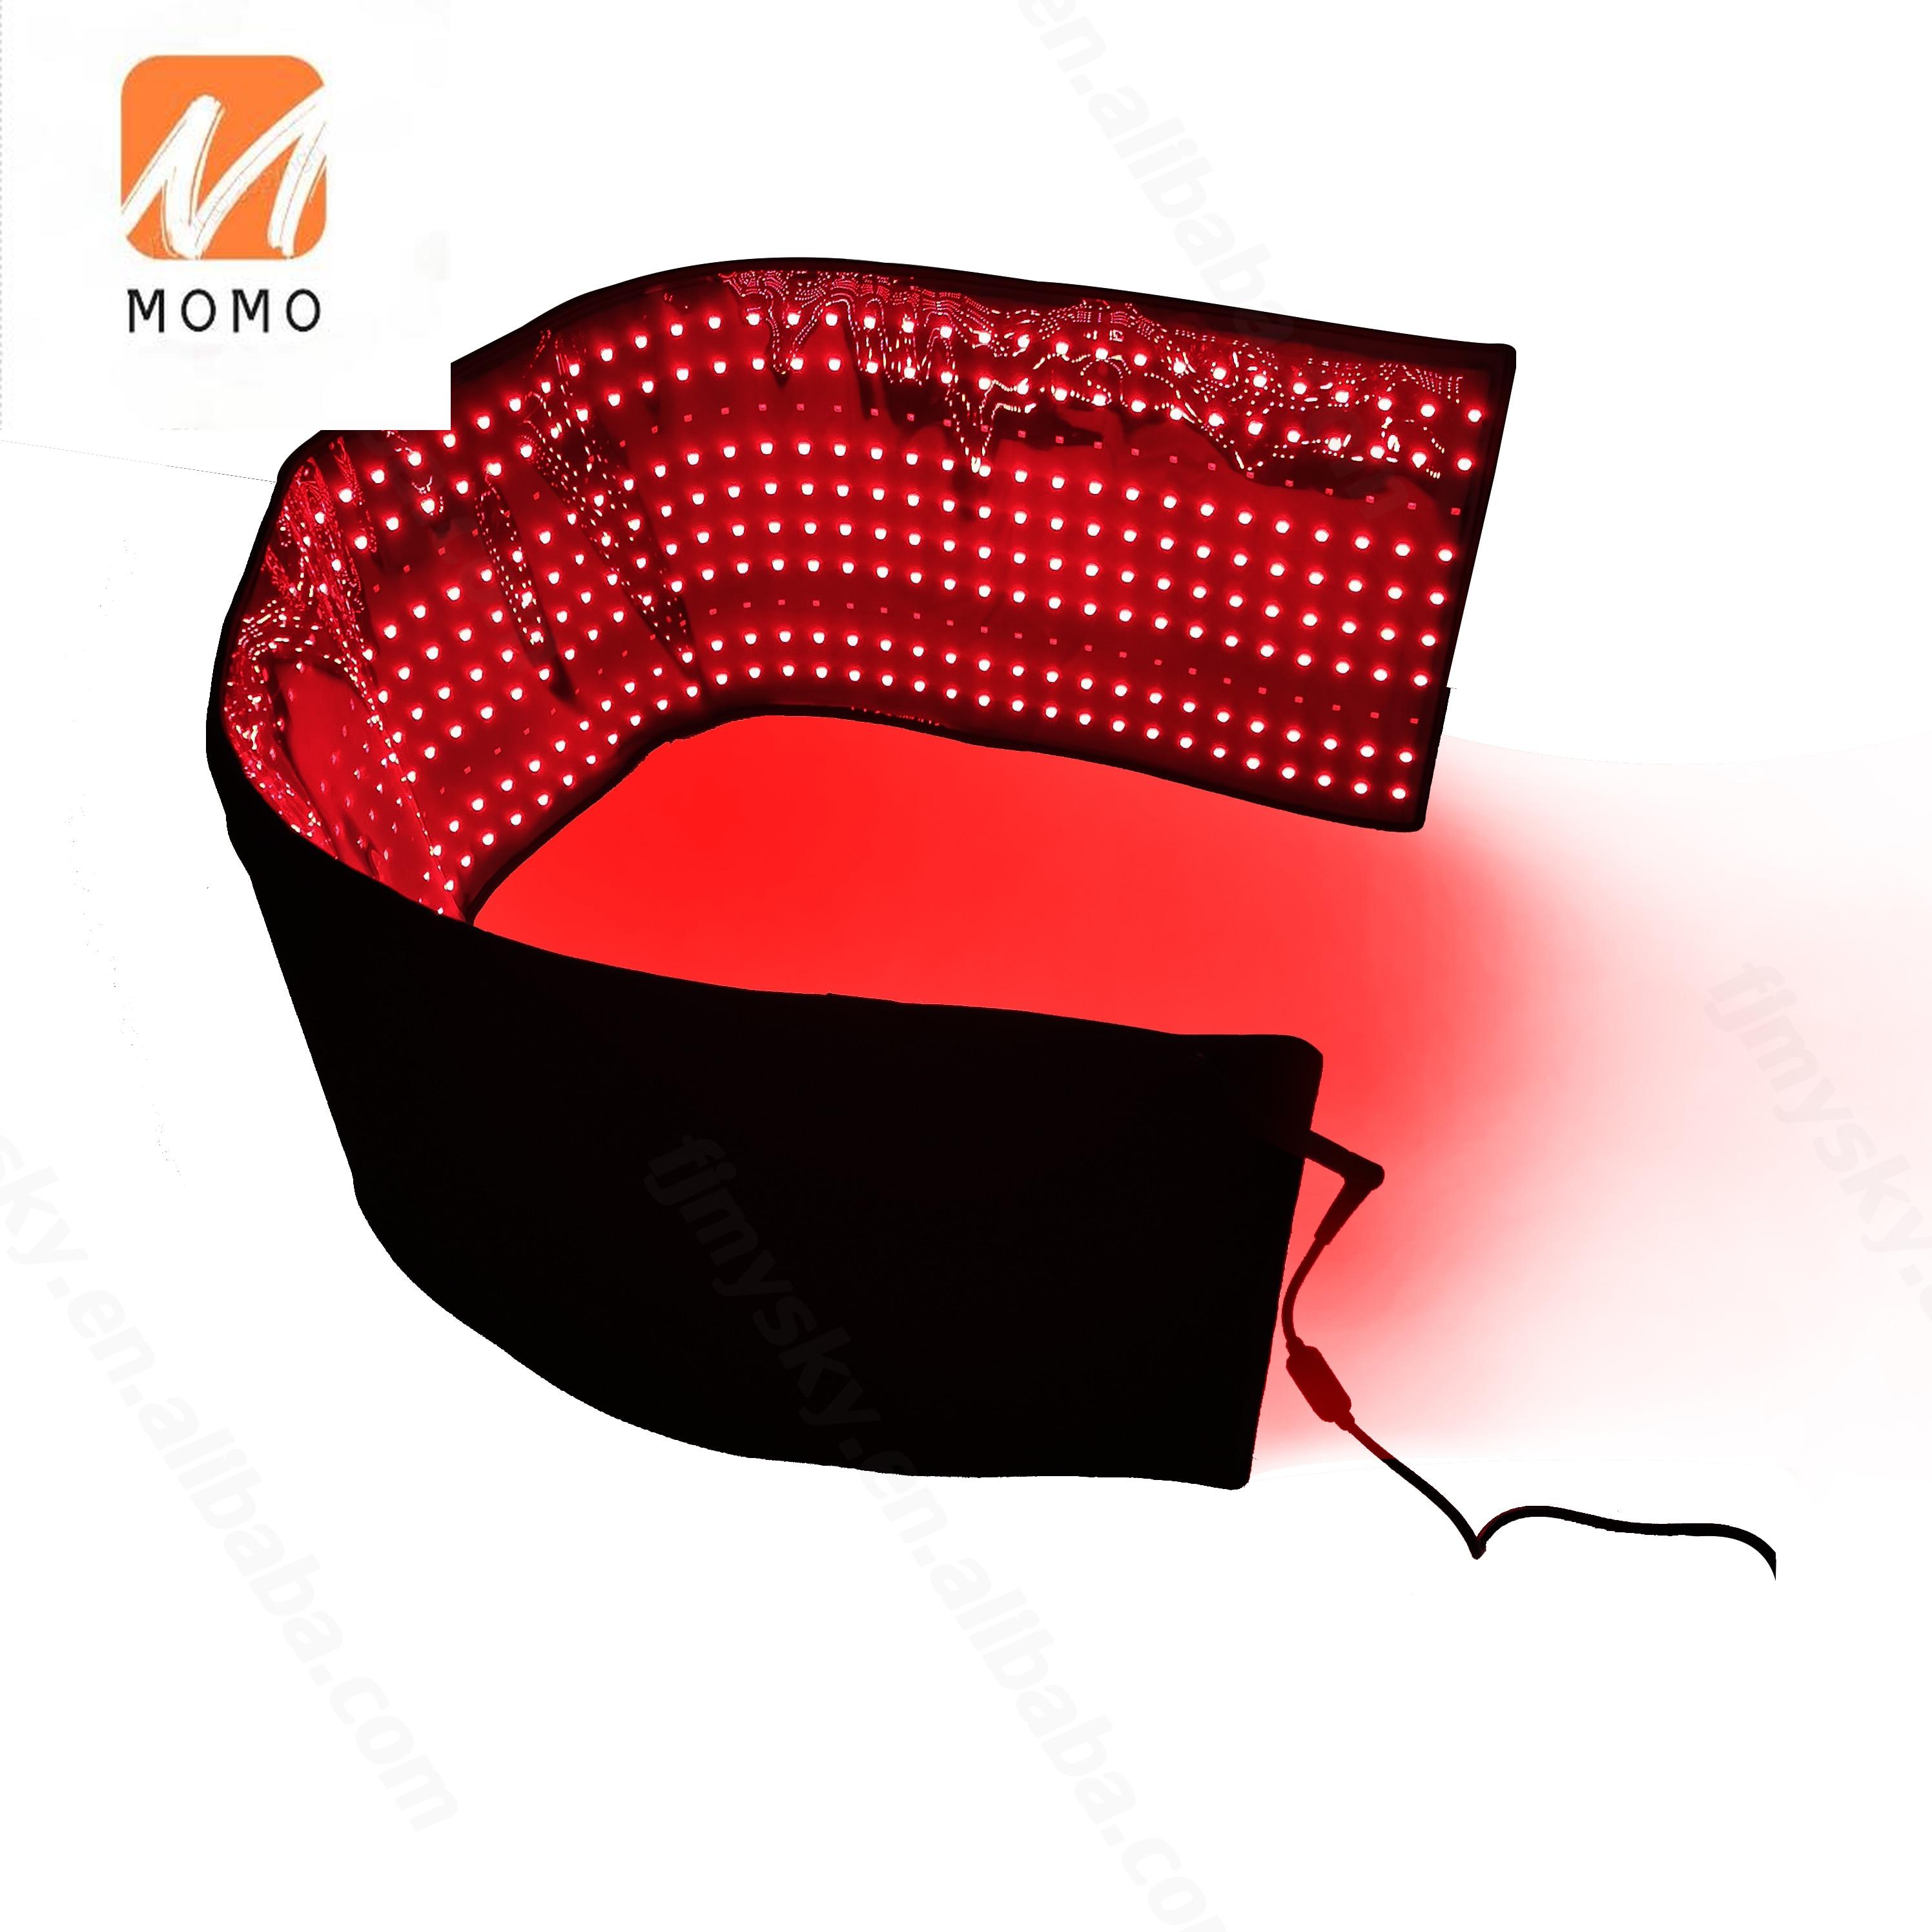 الجملة كامل الجسم معالجة بشعاع ليد العلاج بالضوء الأحمر التفاف للعناية بالجمال/لتخفيف الآلام/التخسيس الجسم